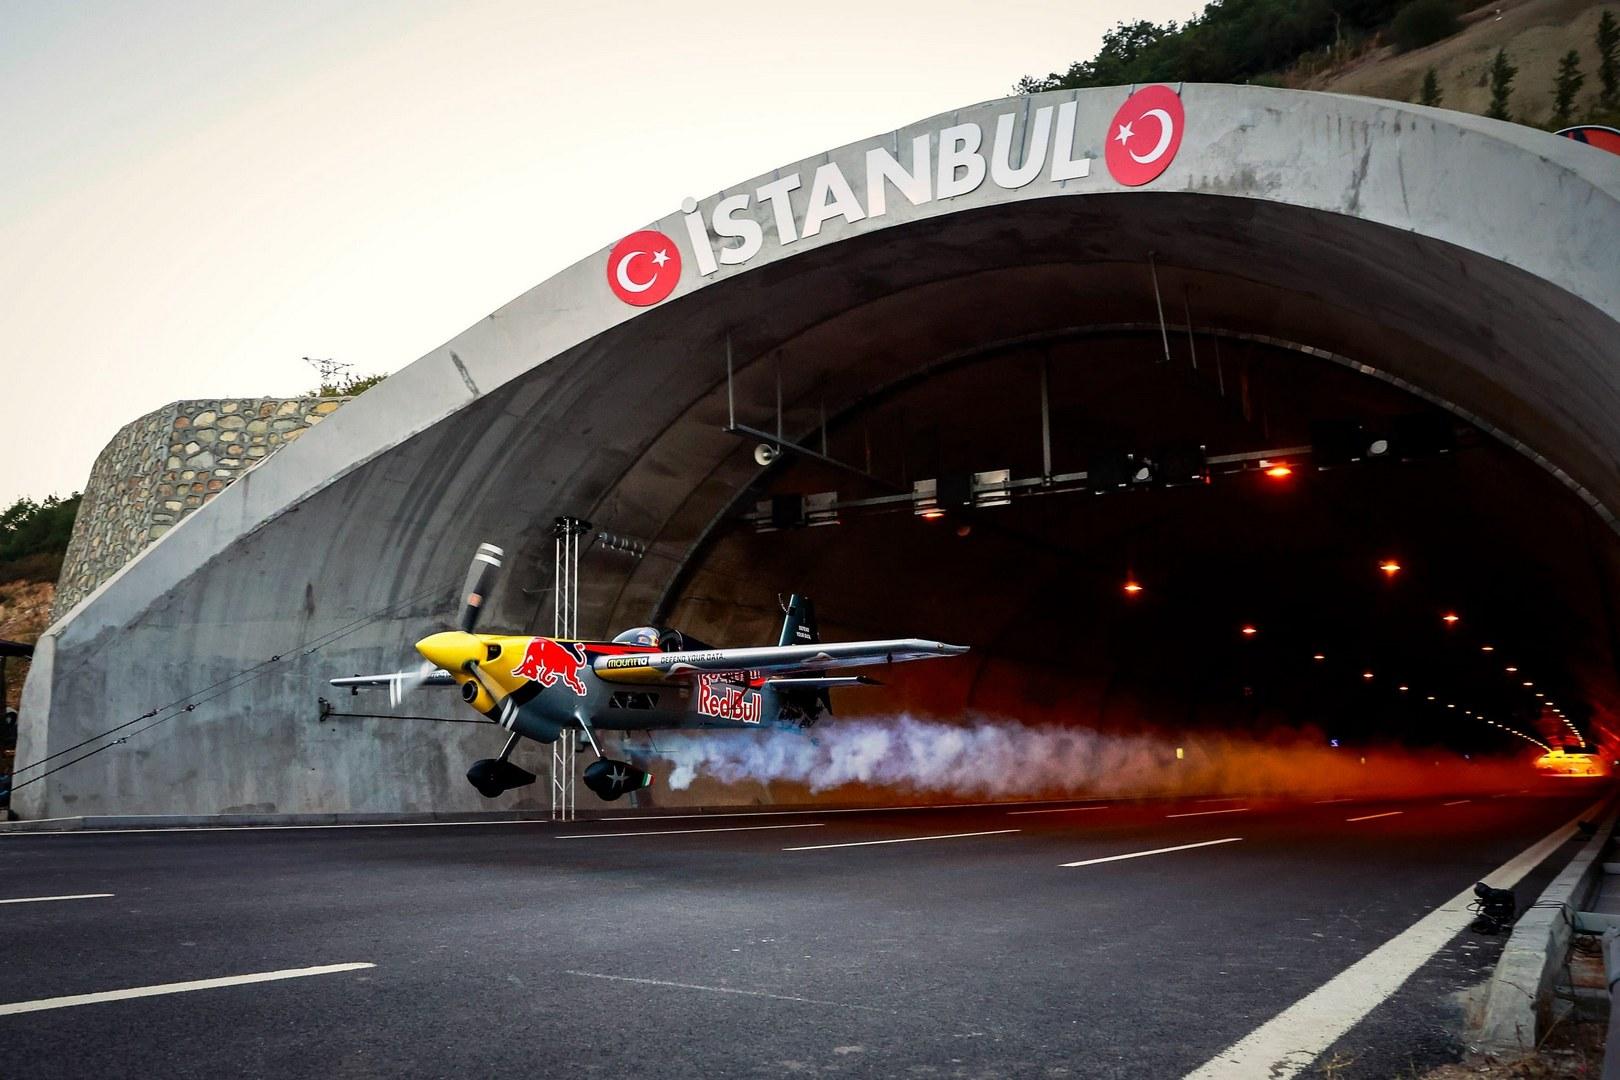 Дарио Коста и его рекордный полёт через тоннель